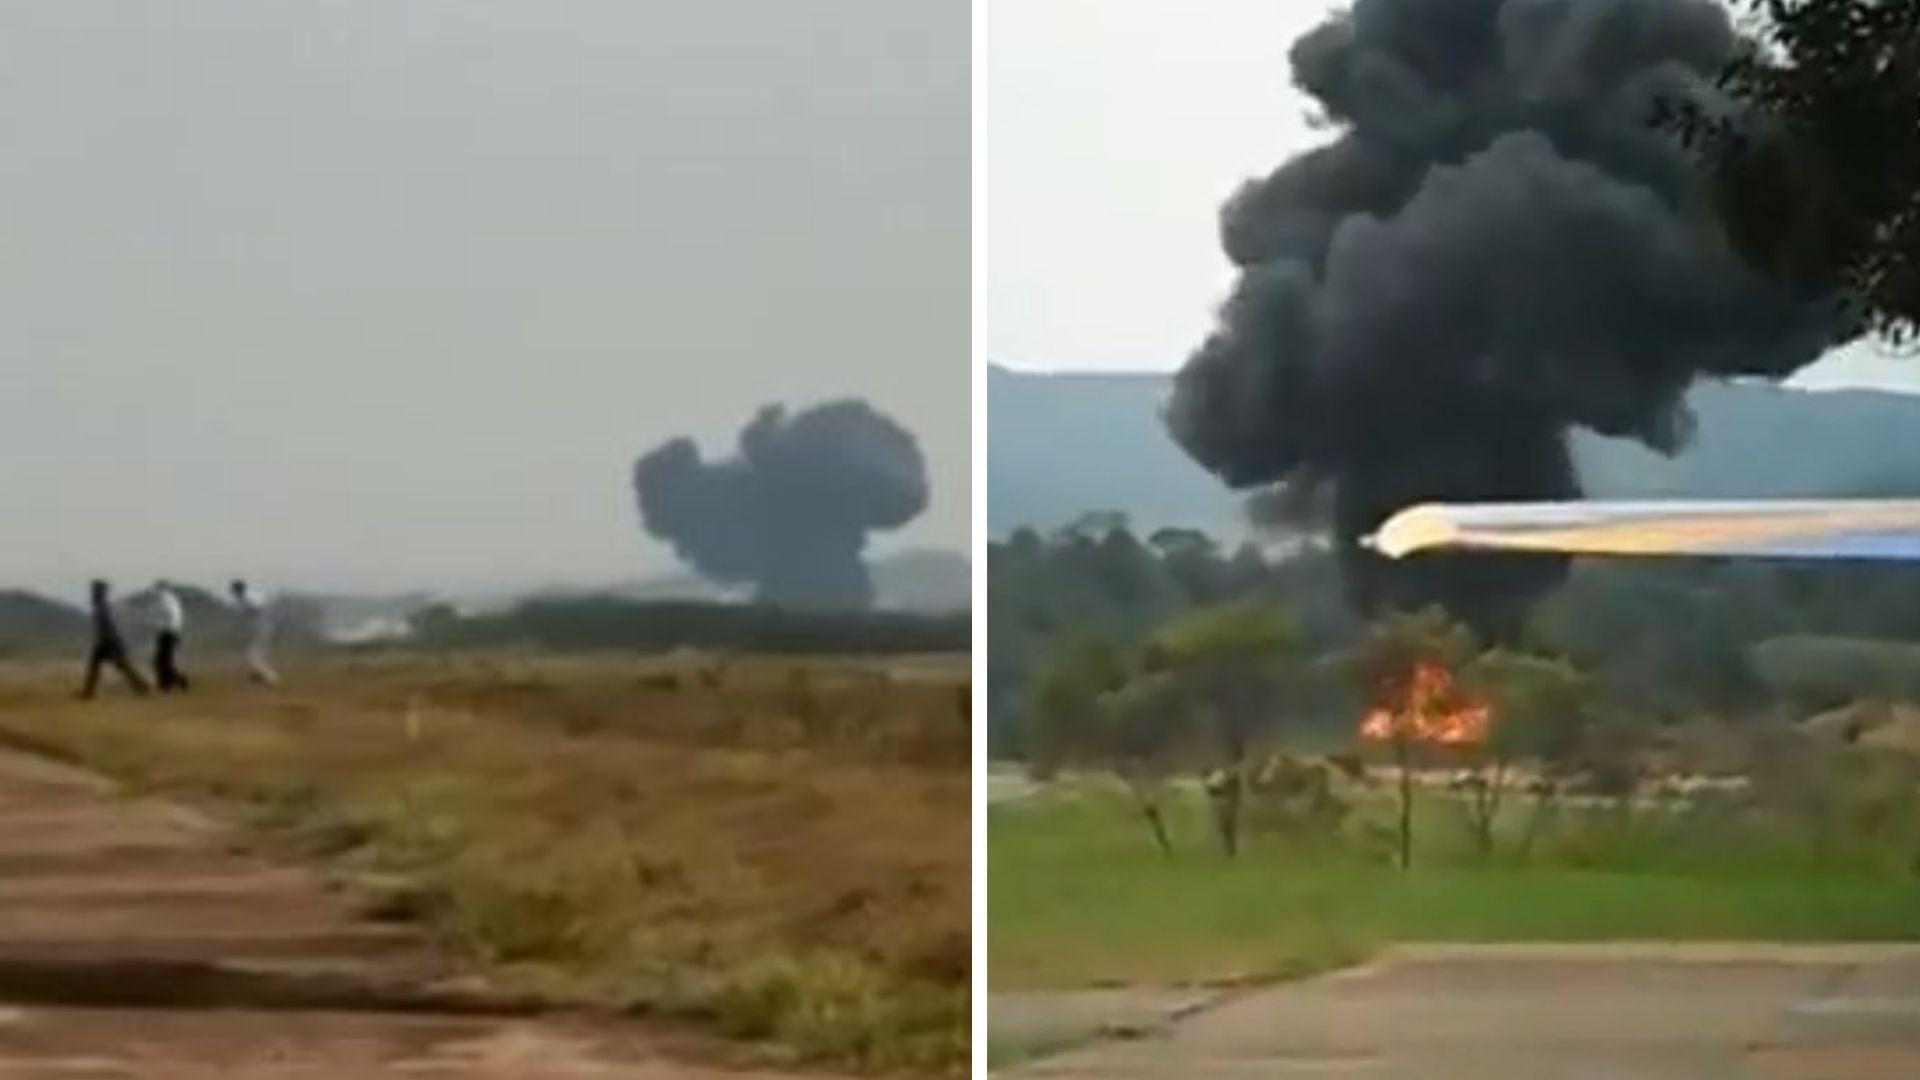 Vídeo de queda de avião em 2012 viraliza como sendo acidente em Piracicaba